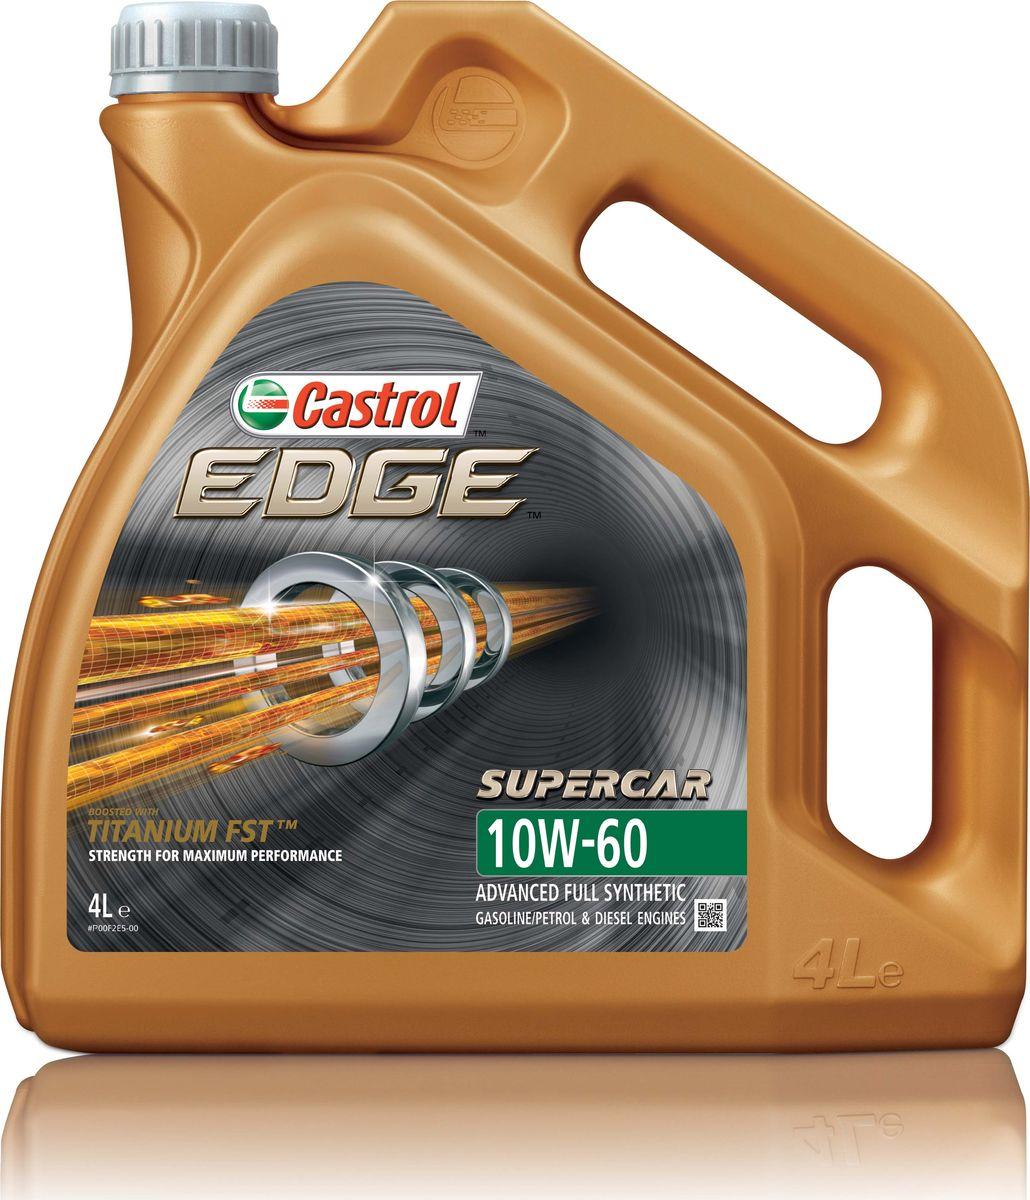 Масло моторное Castrol Edge, синтетическое, класс вязкости 10W-60, 4 л15A008Полностью синтетическое моторное масло Castrol Edge произведено с использованием новейшей технологии TITANIUM FST™, придающей масляной пленке дополнительную силу и прочность благодаря соединениям титана.TITANIUM FST™ радикально меняет поведение масла в условиях экстремальных нагрузок, формируя дополнительный ударопоглощающий слой. Испытания подтвердили, что TITANIUM FST™ в 2 раза увеличивает прочность пленки, предотвращая ее разрыв и снижая трение для максимальной производительности двигателя.С Castrol Edge ваш автомобиль готов к любым испытаниям независимо от дорожных условий.Применение:- Castrol Edge предназначено для двигателей суперкаров, включая Aston Martin V8 Vantage S, Ferrari F12 Berlinetta, Ferrari FF, в которых производитель рекомендует применять моторные масла, соответствующие классу вязкости SAE 10W-60 и отраслевому стандарту ACEA A3/B4.- Castrol Edge одобрено для моторов суперкаров: Audi R8 V10 GT, Bugatti Chiron, Bugatti Veyron, требующих использования смазочных материалов, апробированных согласно спецификациям VW 501 01/ 505 00.- Castrol Edge одобрено для применения в двигателях Koenigsegg.- Castrol Edge предписано BMW для моторов моделей BMW М-серии.Castrol Edge:- поддерживает максимальную эффективность работы двигателя, как в краткосрочном периоде времени, так и на длительный срок эксплуатации;- обеспечивает непревзойденный уровень защиты мотора в разных условиях движения и широком диапазоне температур;- подавляет образование отложений, способствуя повышению скорости реакции двигателя на нажатие педали акселератора.Спецификации: ACEA A3/B3, A3/B4,API SN/CF,Approved for BMW M-Models,Koenigsegg Approved,VW 501 01/ 505 00.Товар сертифицирован.